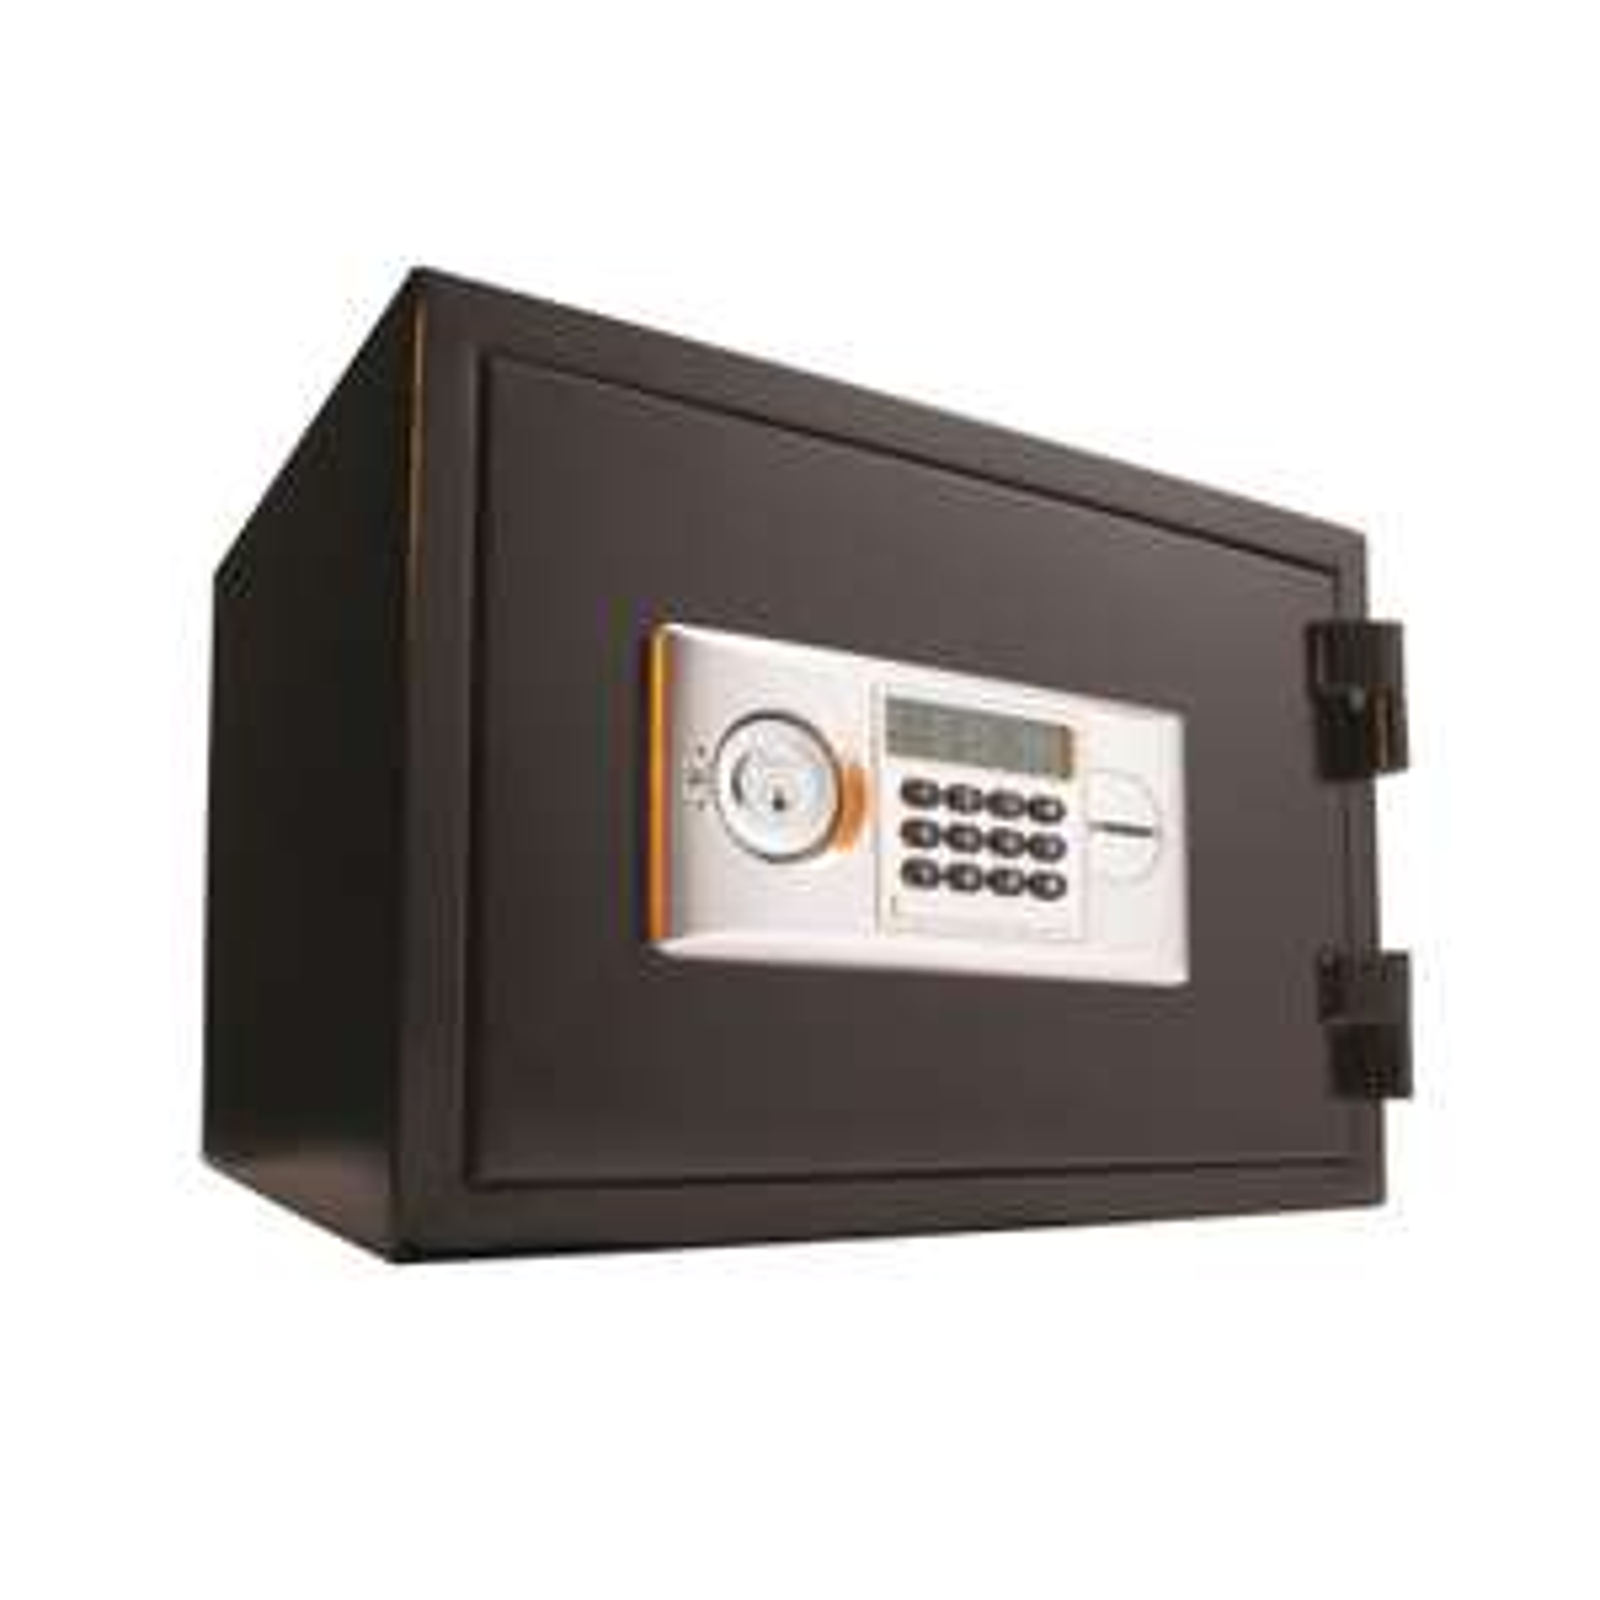 Karbon Titan Fireproof Safe - 11.6L £45 @ Homebase